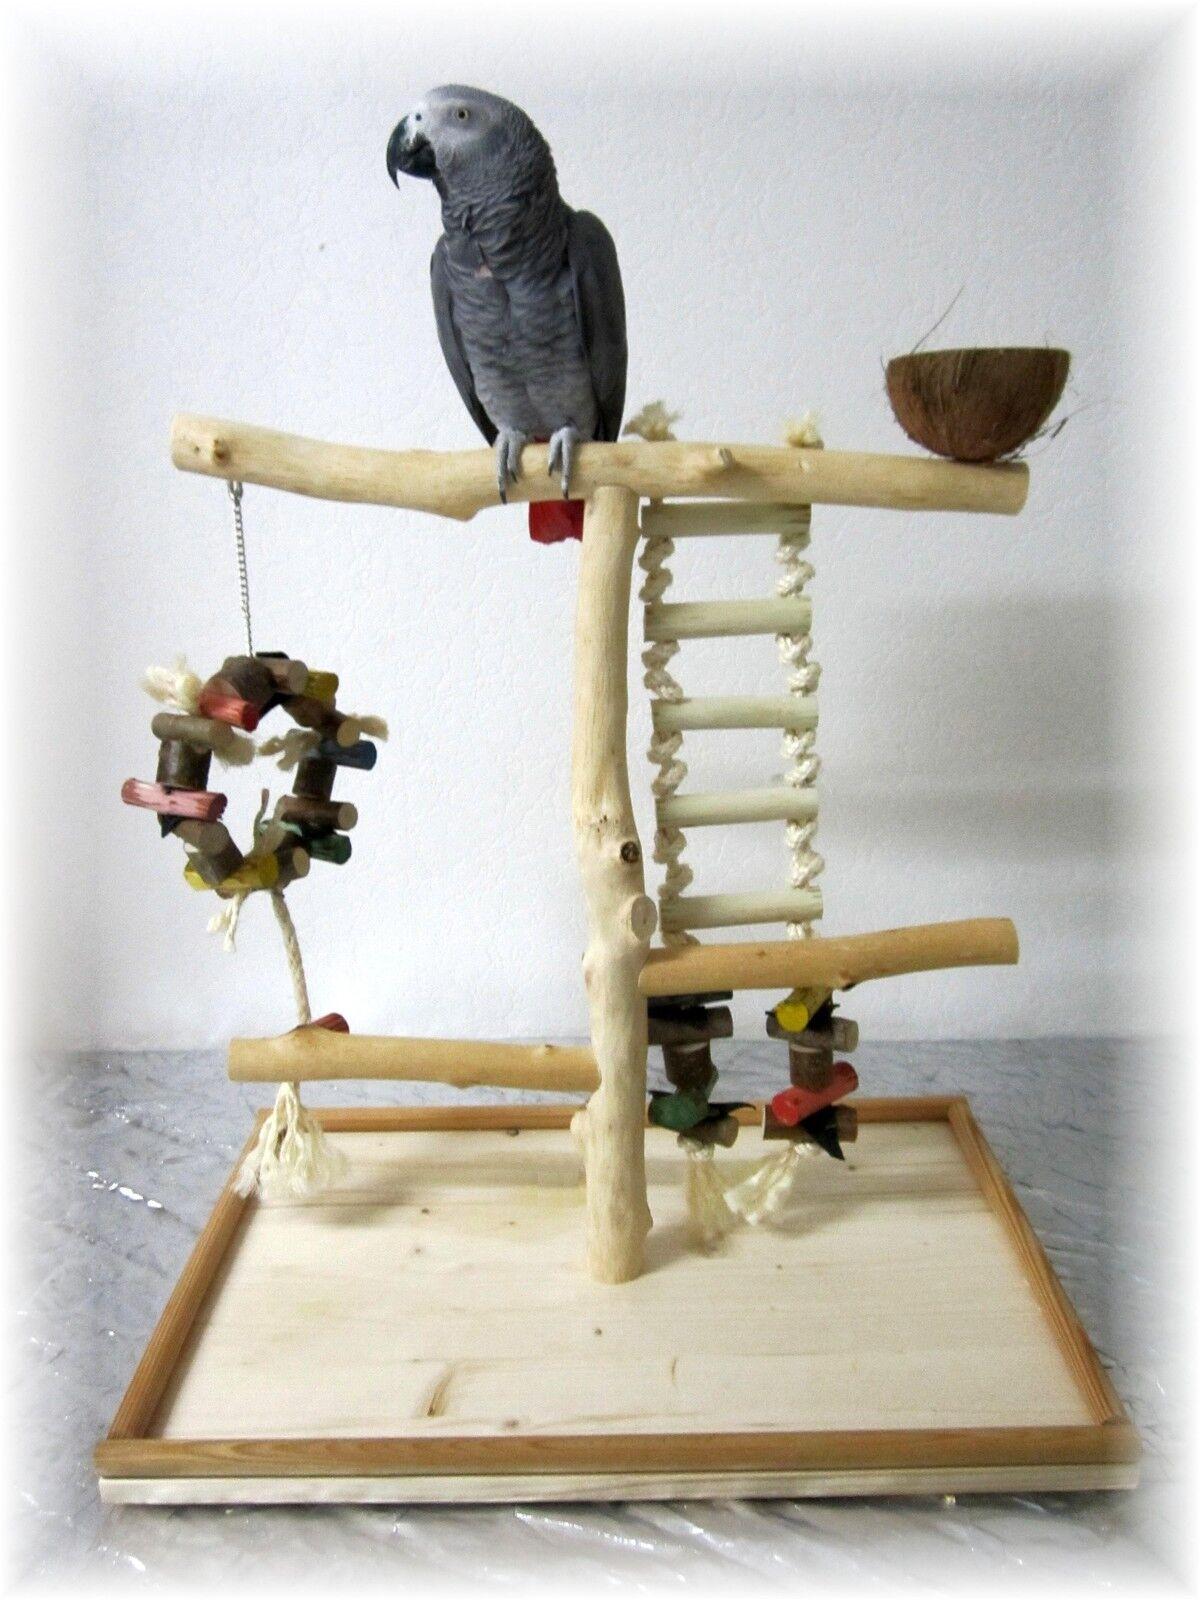 Papageienspielzeug Tischfreisitz aus geschältem Buchenholz Buchenholz Buchenholz MIT SPIELZEUG 8e5bcf